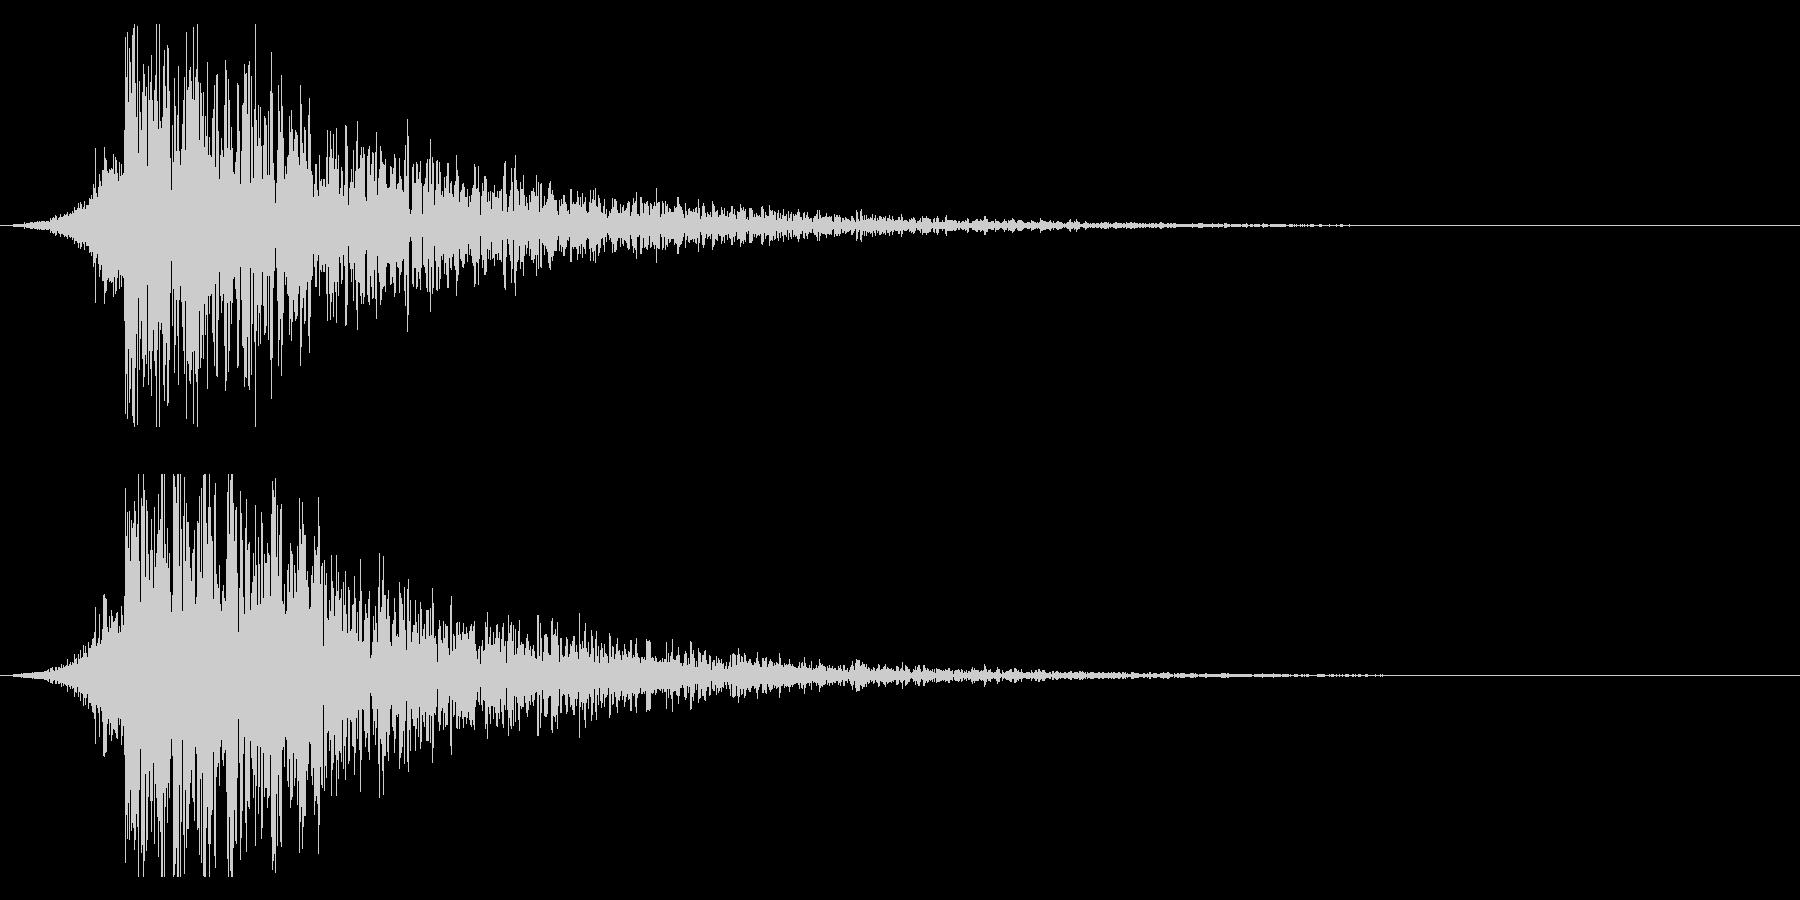 シュードーン-20-1(インパクト音)の未再生の波形